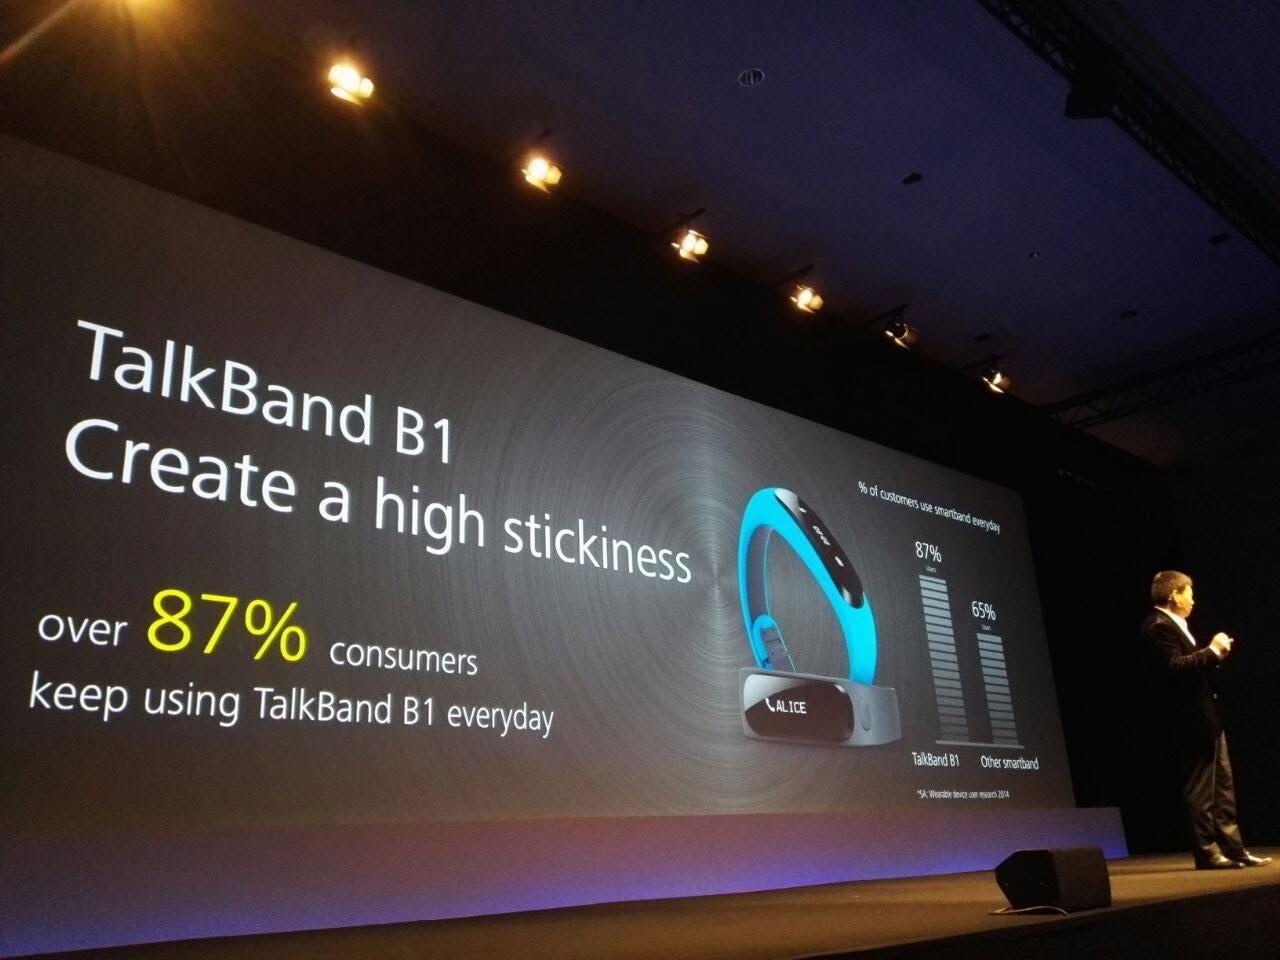 HUAWEI thiet bi deo - Huawei ra mắt các thiết bị đeo thông minh mới tại MWC 2015